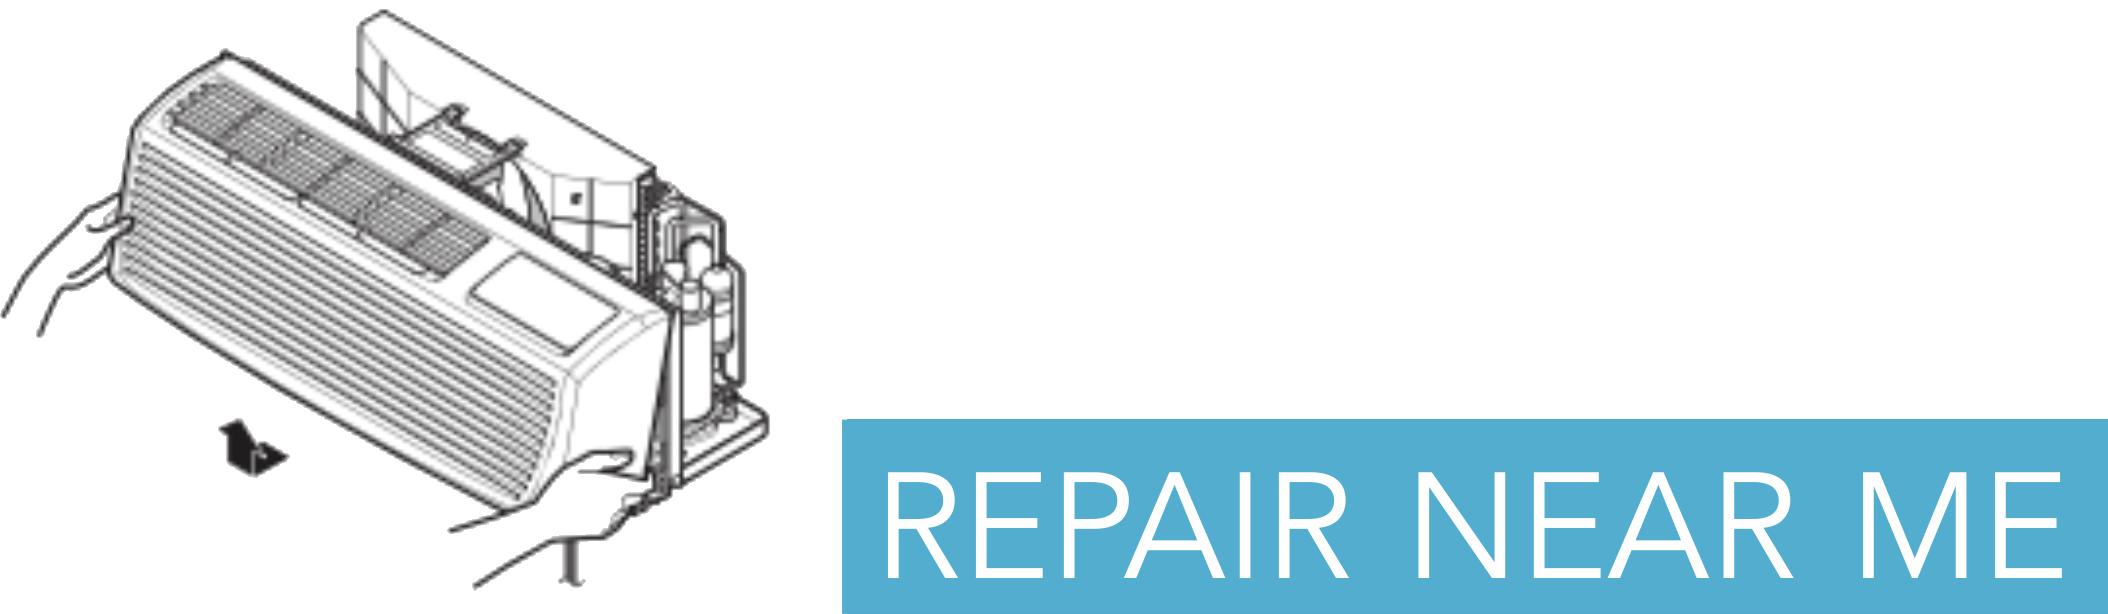 PTAC Repair Near Me | www ptacrepairnearme com | (718) 844